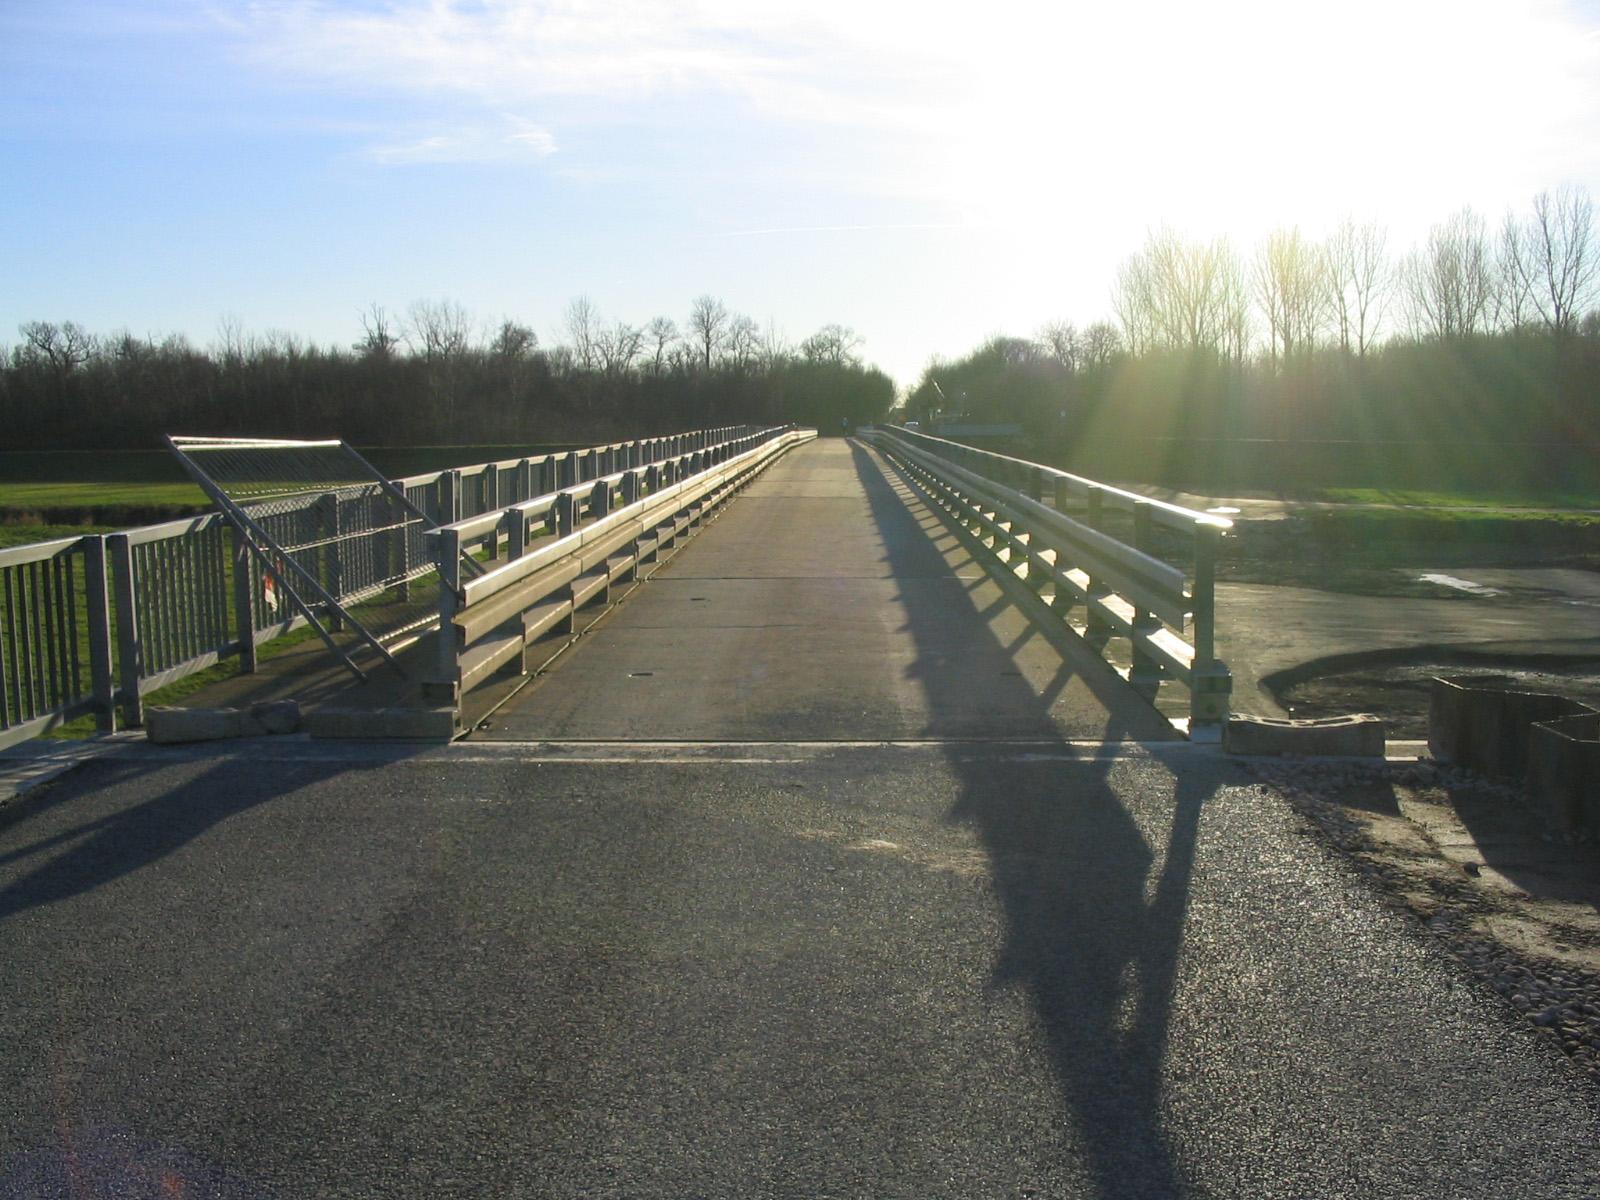 25.12.2006 - Die Behelfsbrücke ist fast fertig